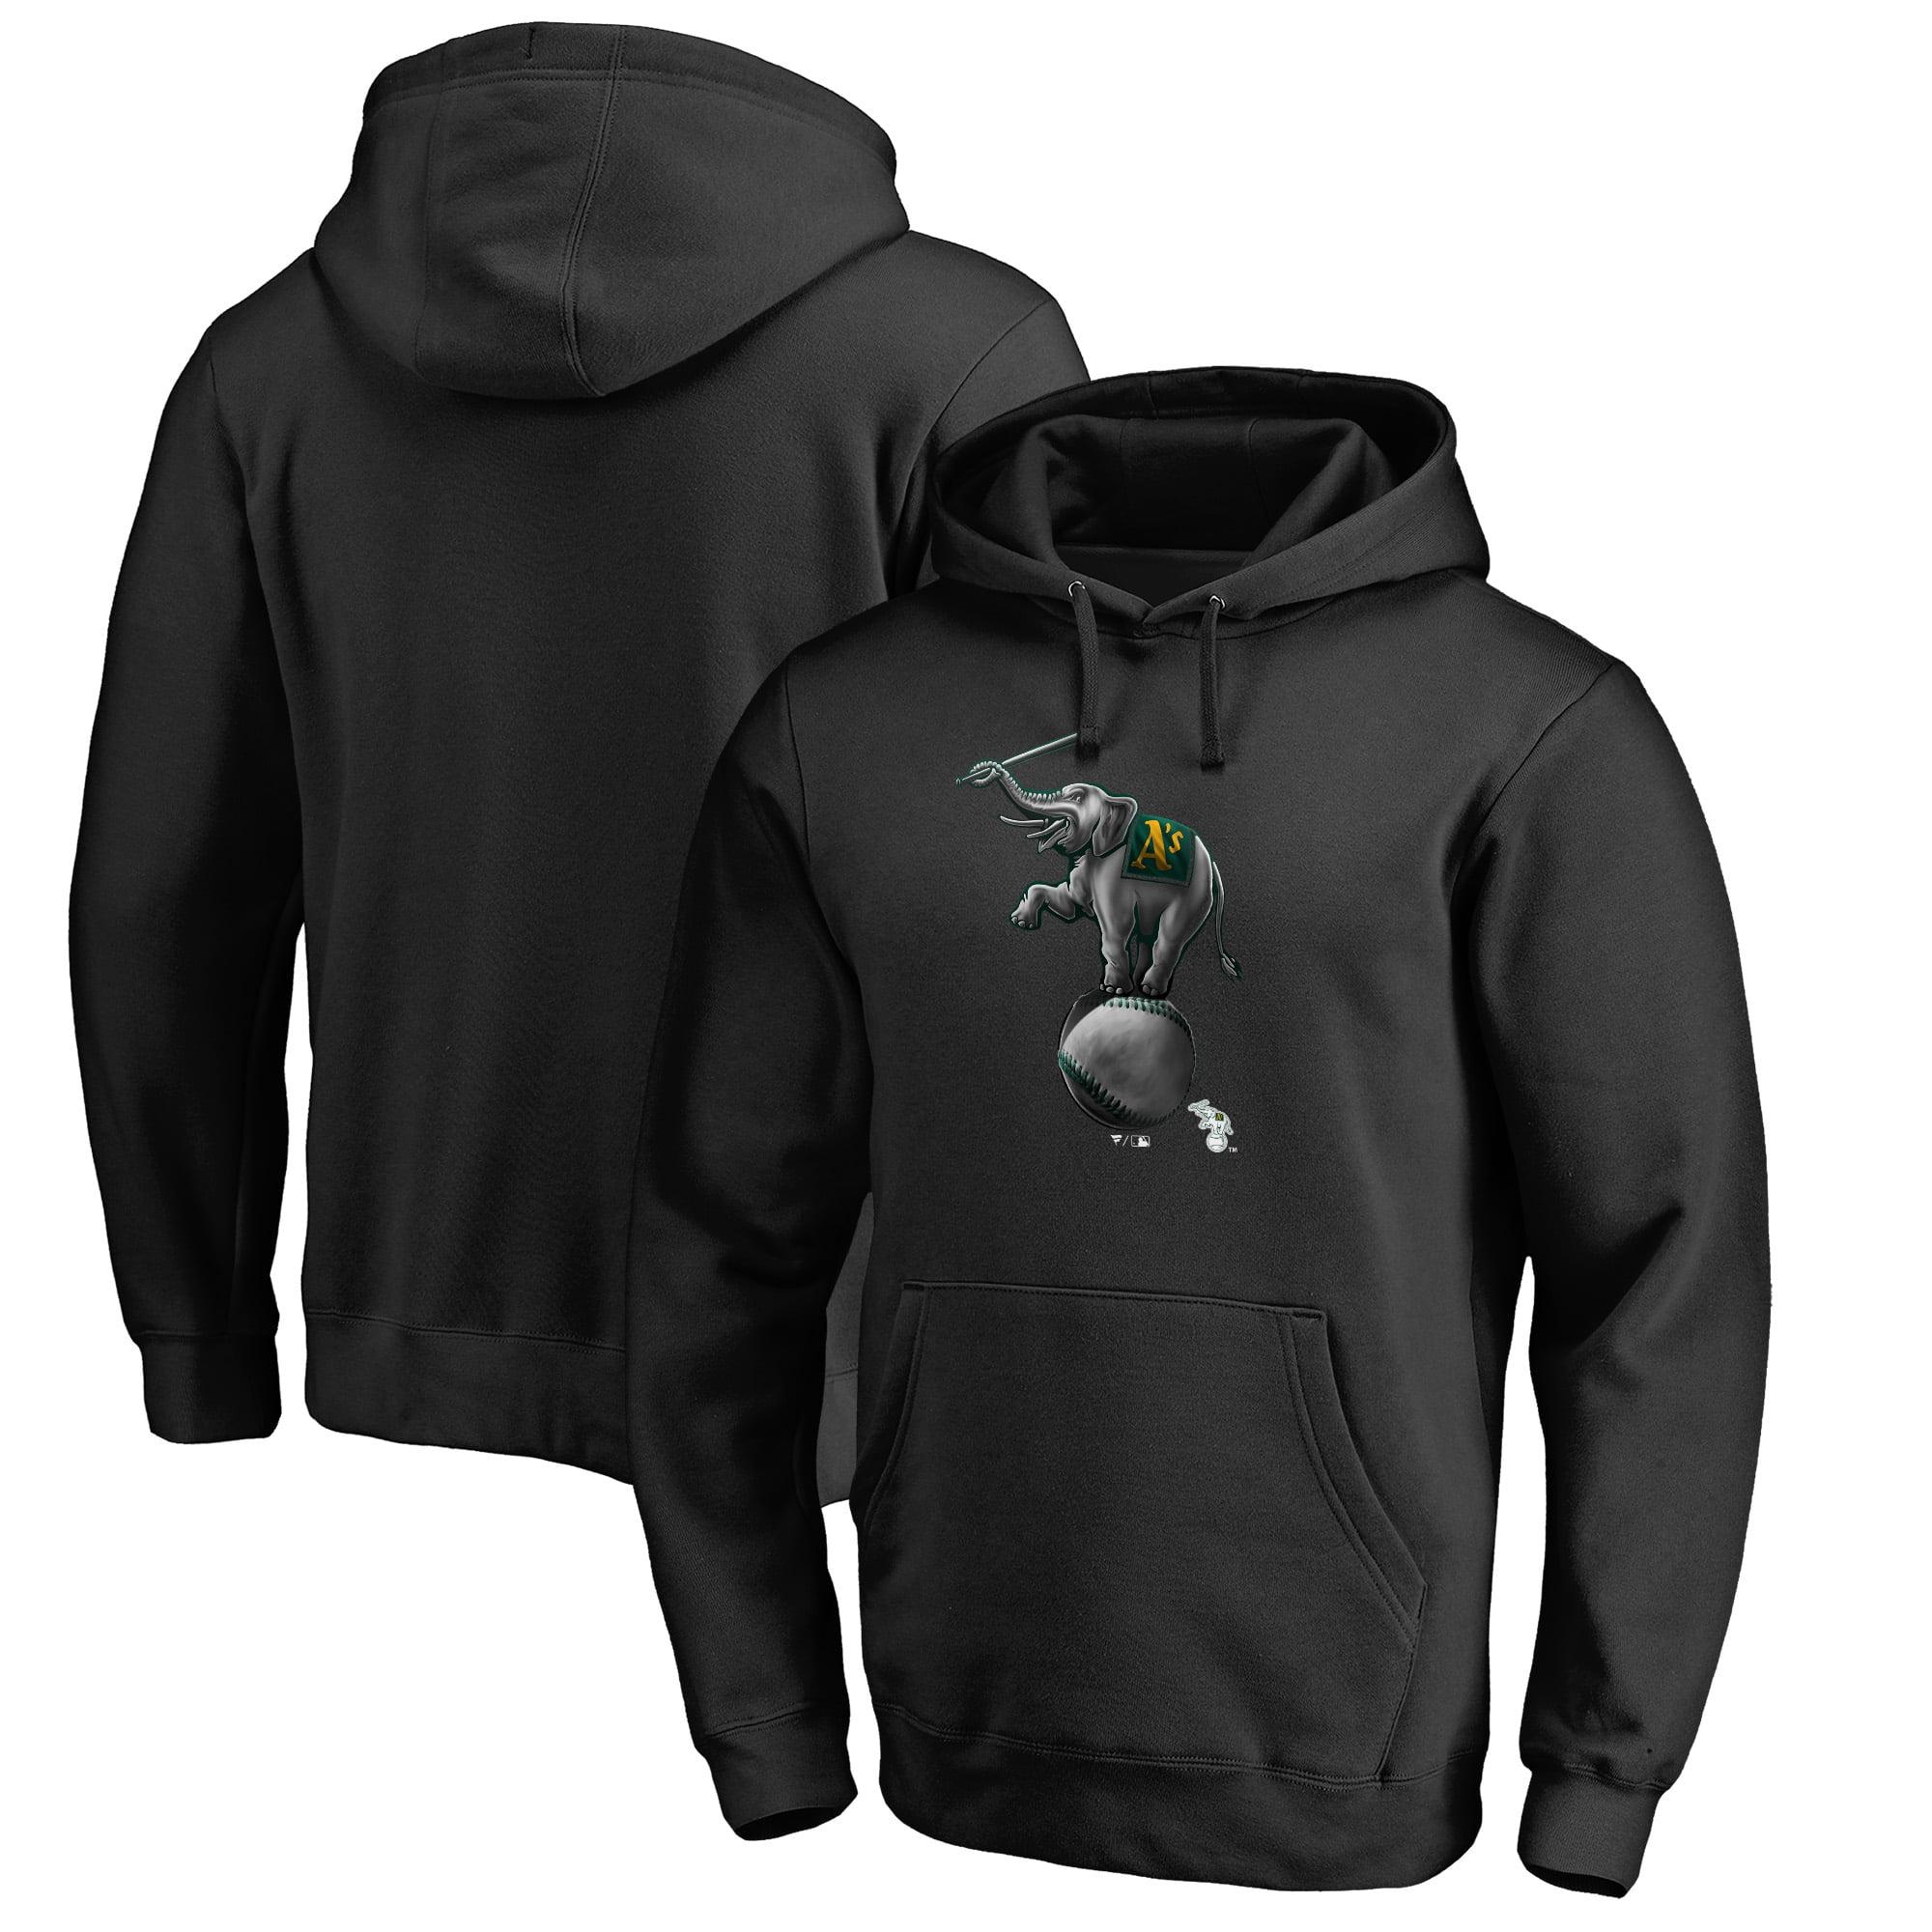 Oakland Athletics Fanatics Branded Big & Tall Midnight Mascot Pullover Hoodie - Black